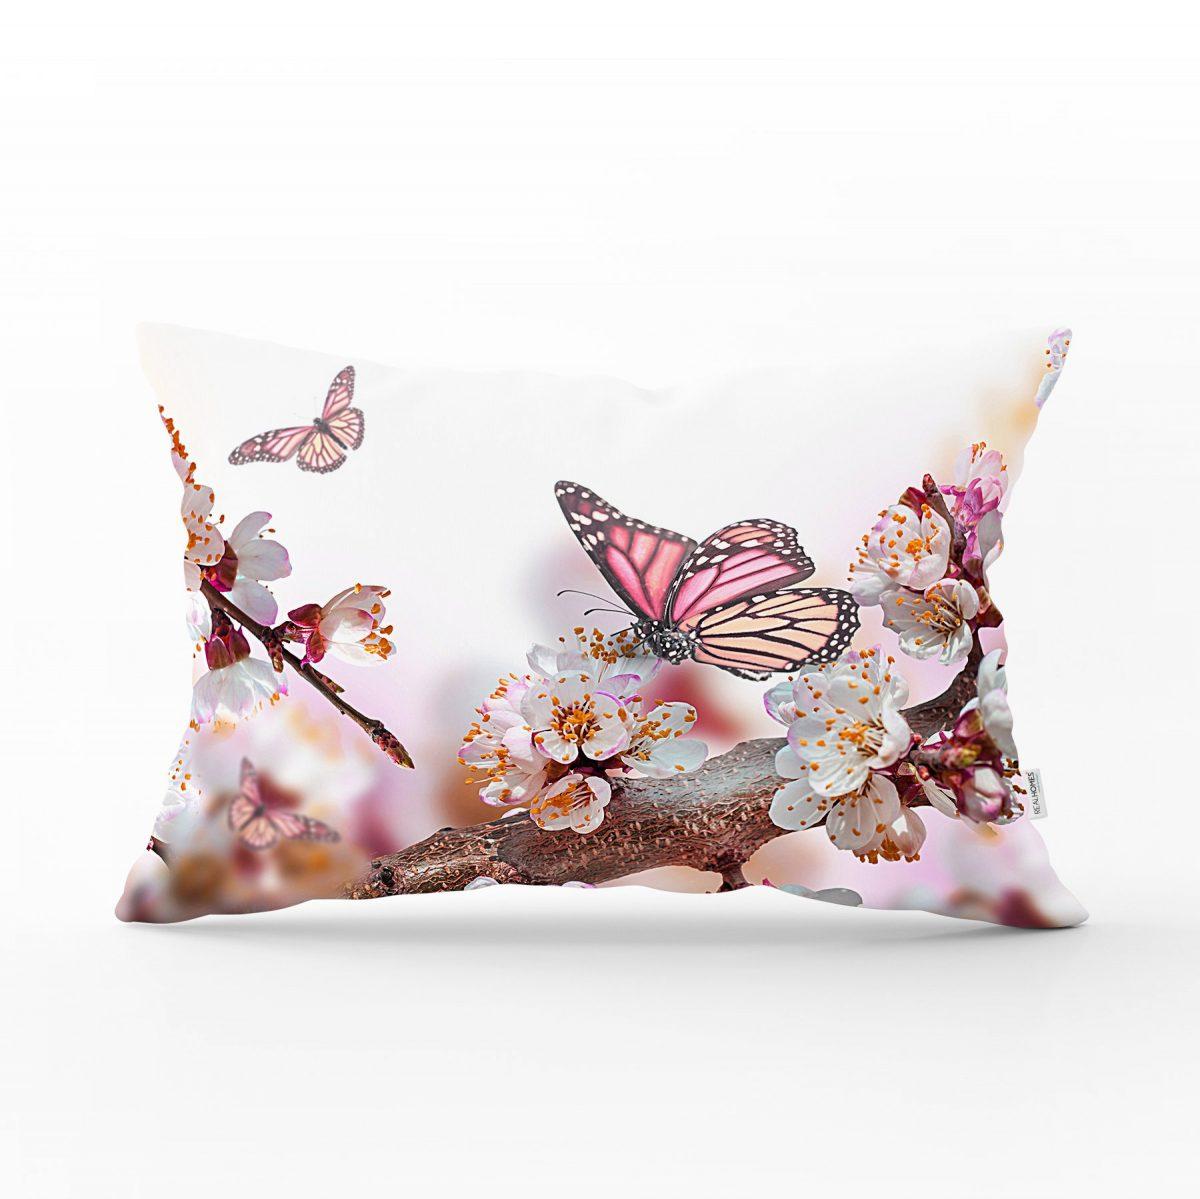 Modern Kelebek Dijital Baskılı Dekoratif Dikdörtgen Yastık Kırlent Kılıfı Realhomes